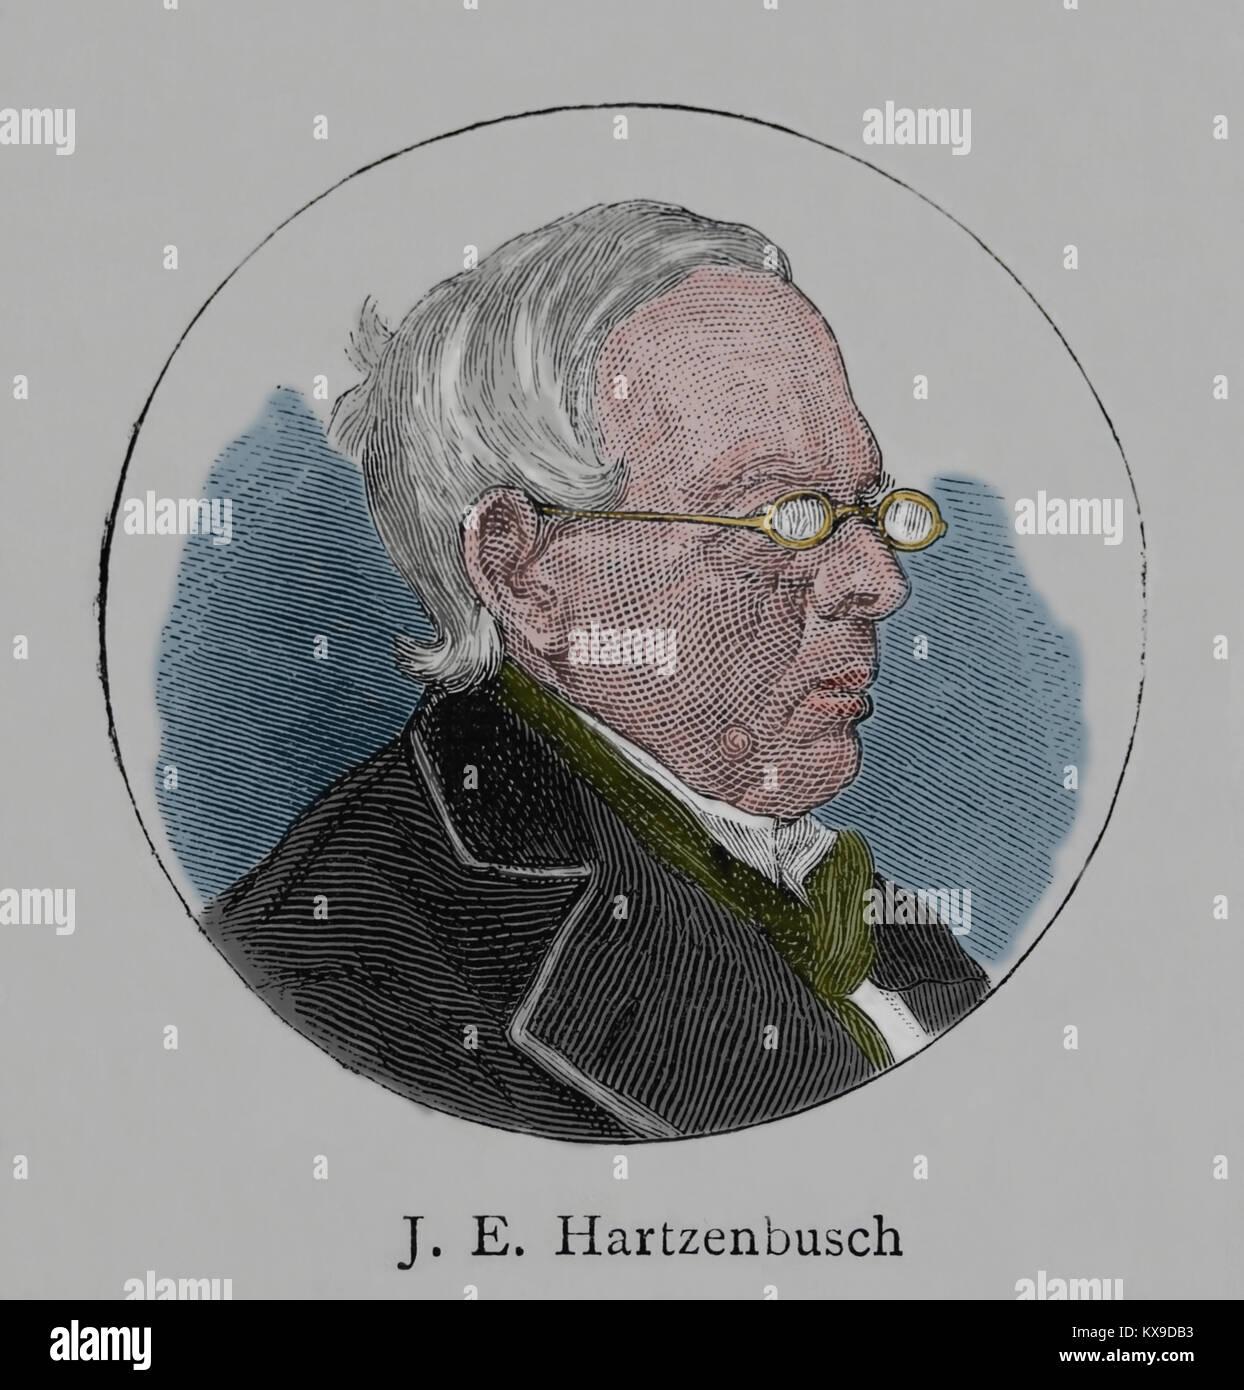 Juan Eugenio Hartzenbusch (1806-1880). Spanische Dramatiker. Gravur, 1883. Stockbild